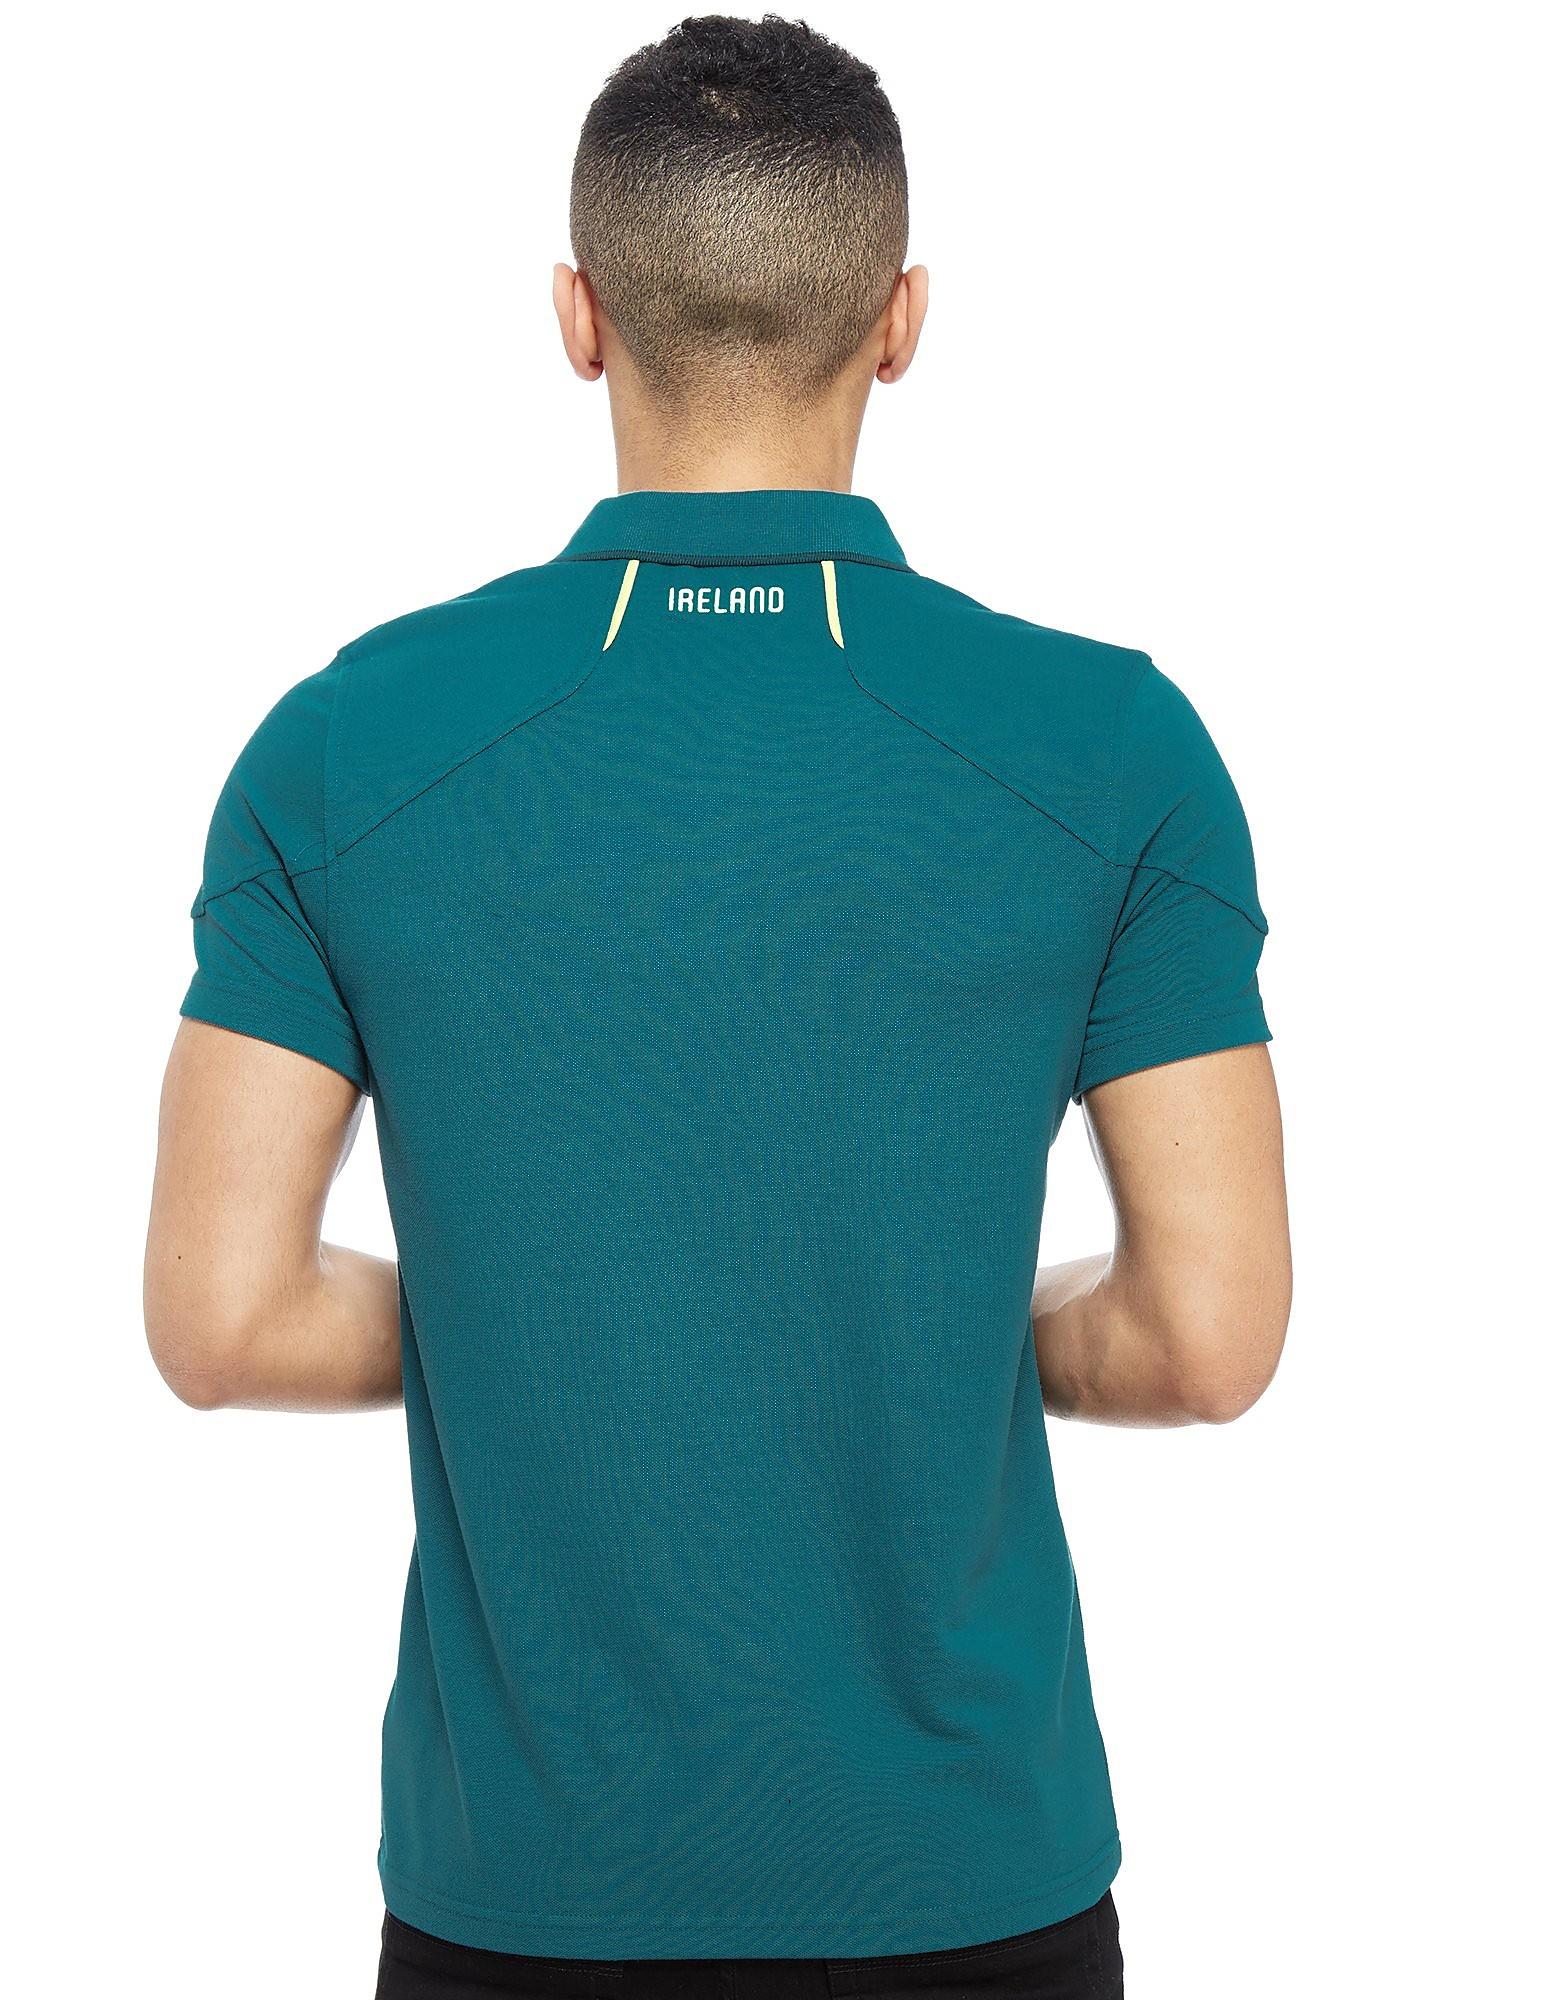 Canterbury Ireland RFU Cotton Polo Shirt